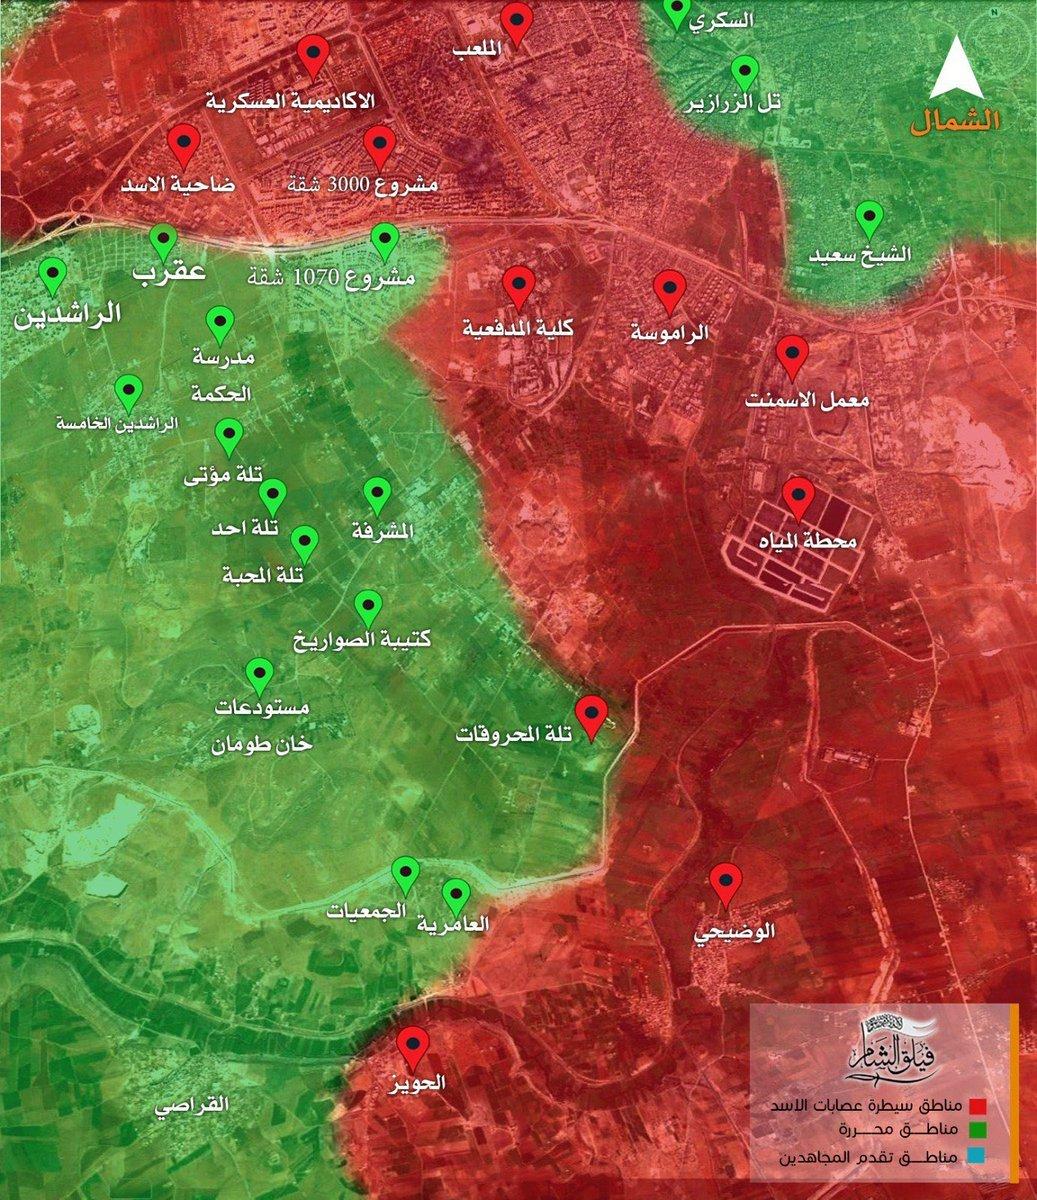 Россия должна воздержаться от наступательных операций в Сирии, - Керри - Цензор.НЕТ 9066